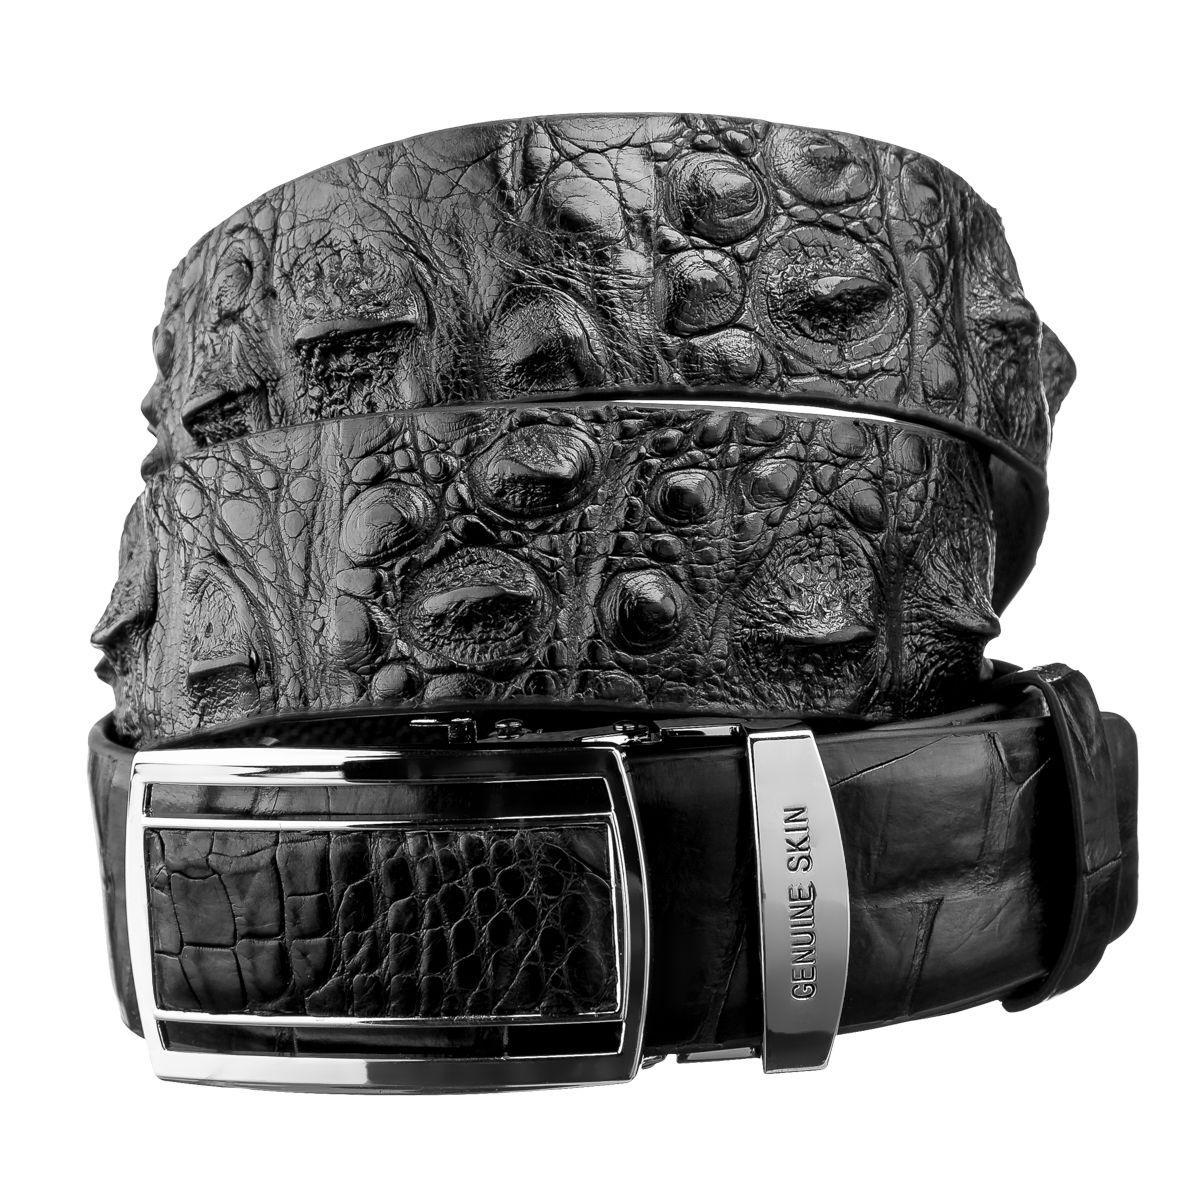 Ремень-автомат из натуральной кожи крокодила Ekzotic Leather Черный (crb 24)